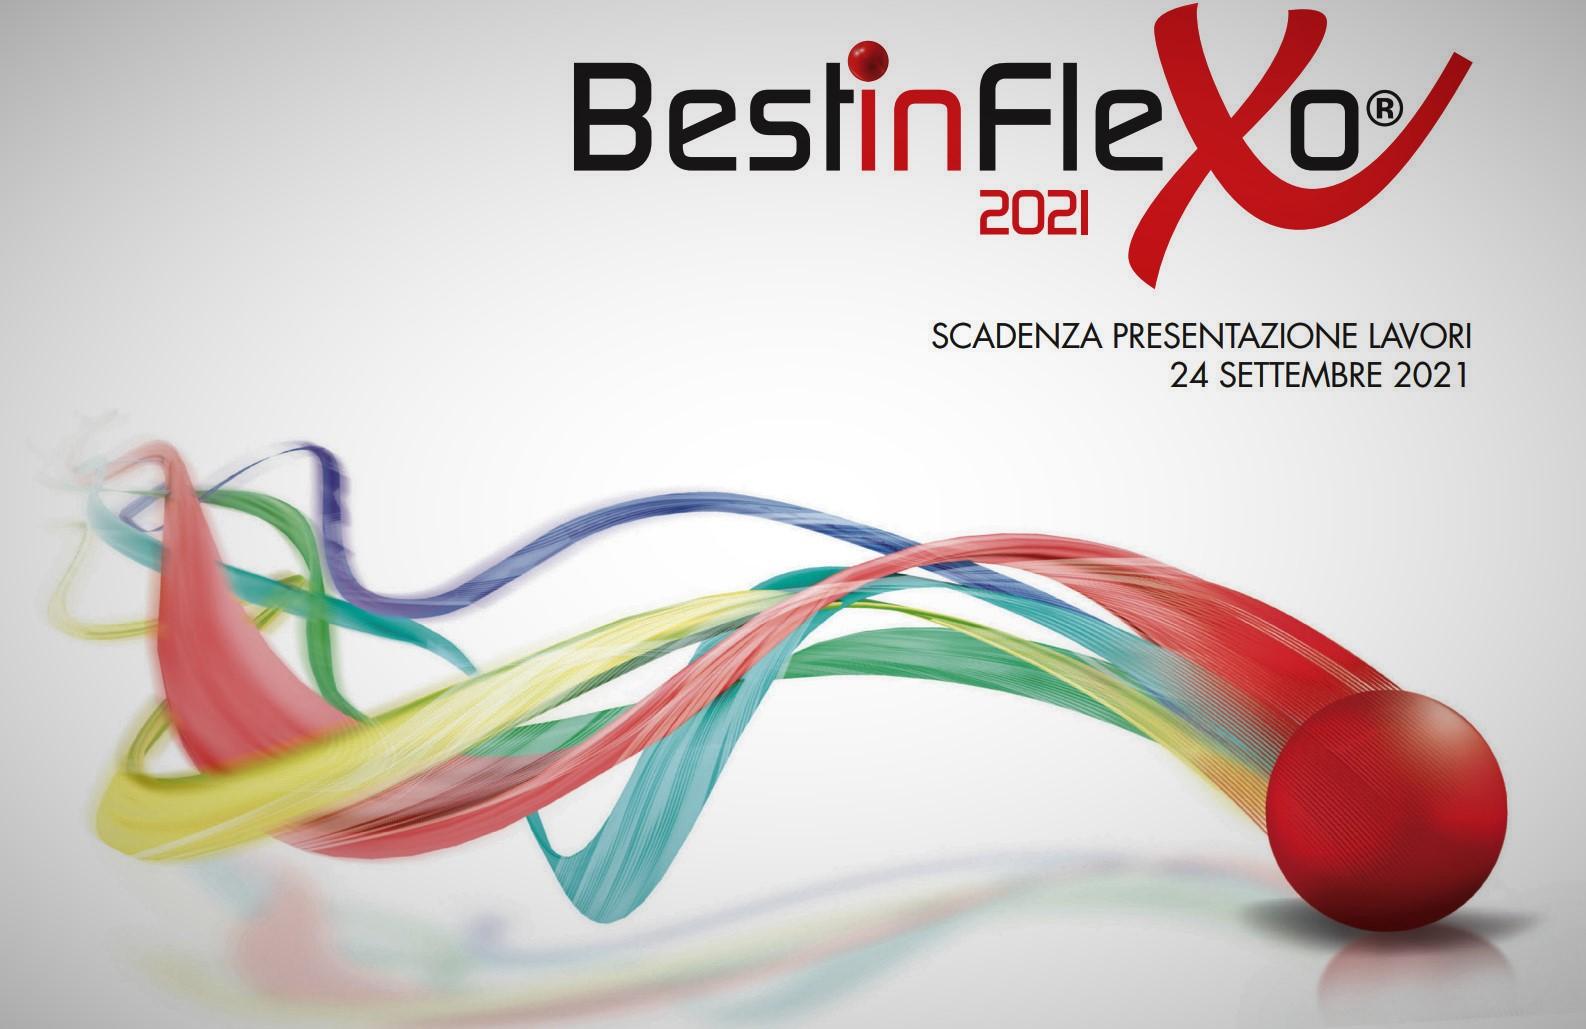 Bestinflexo 21